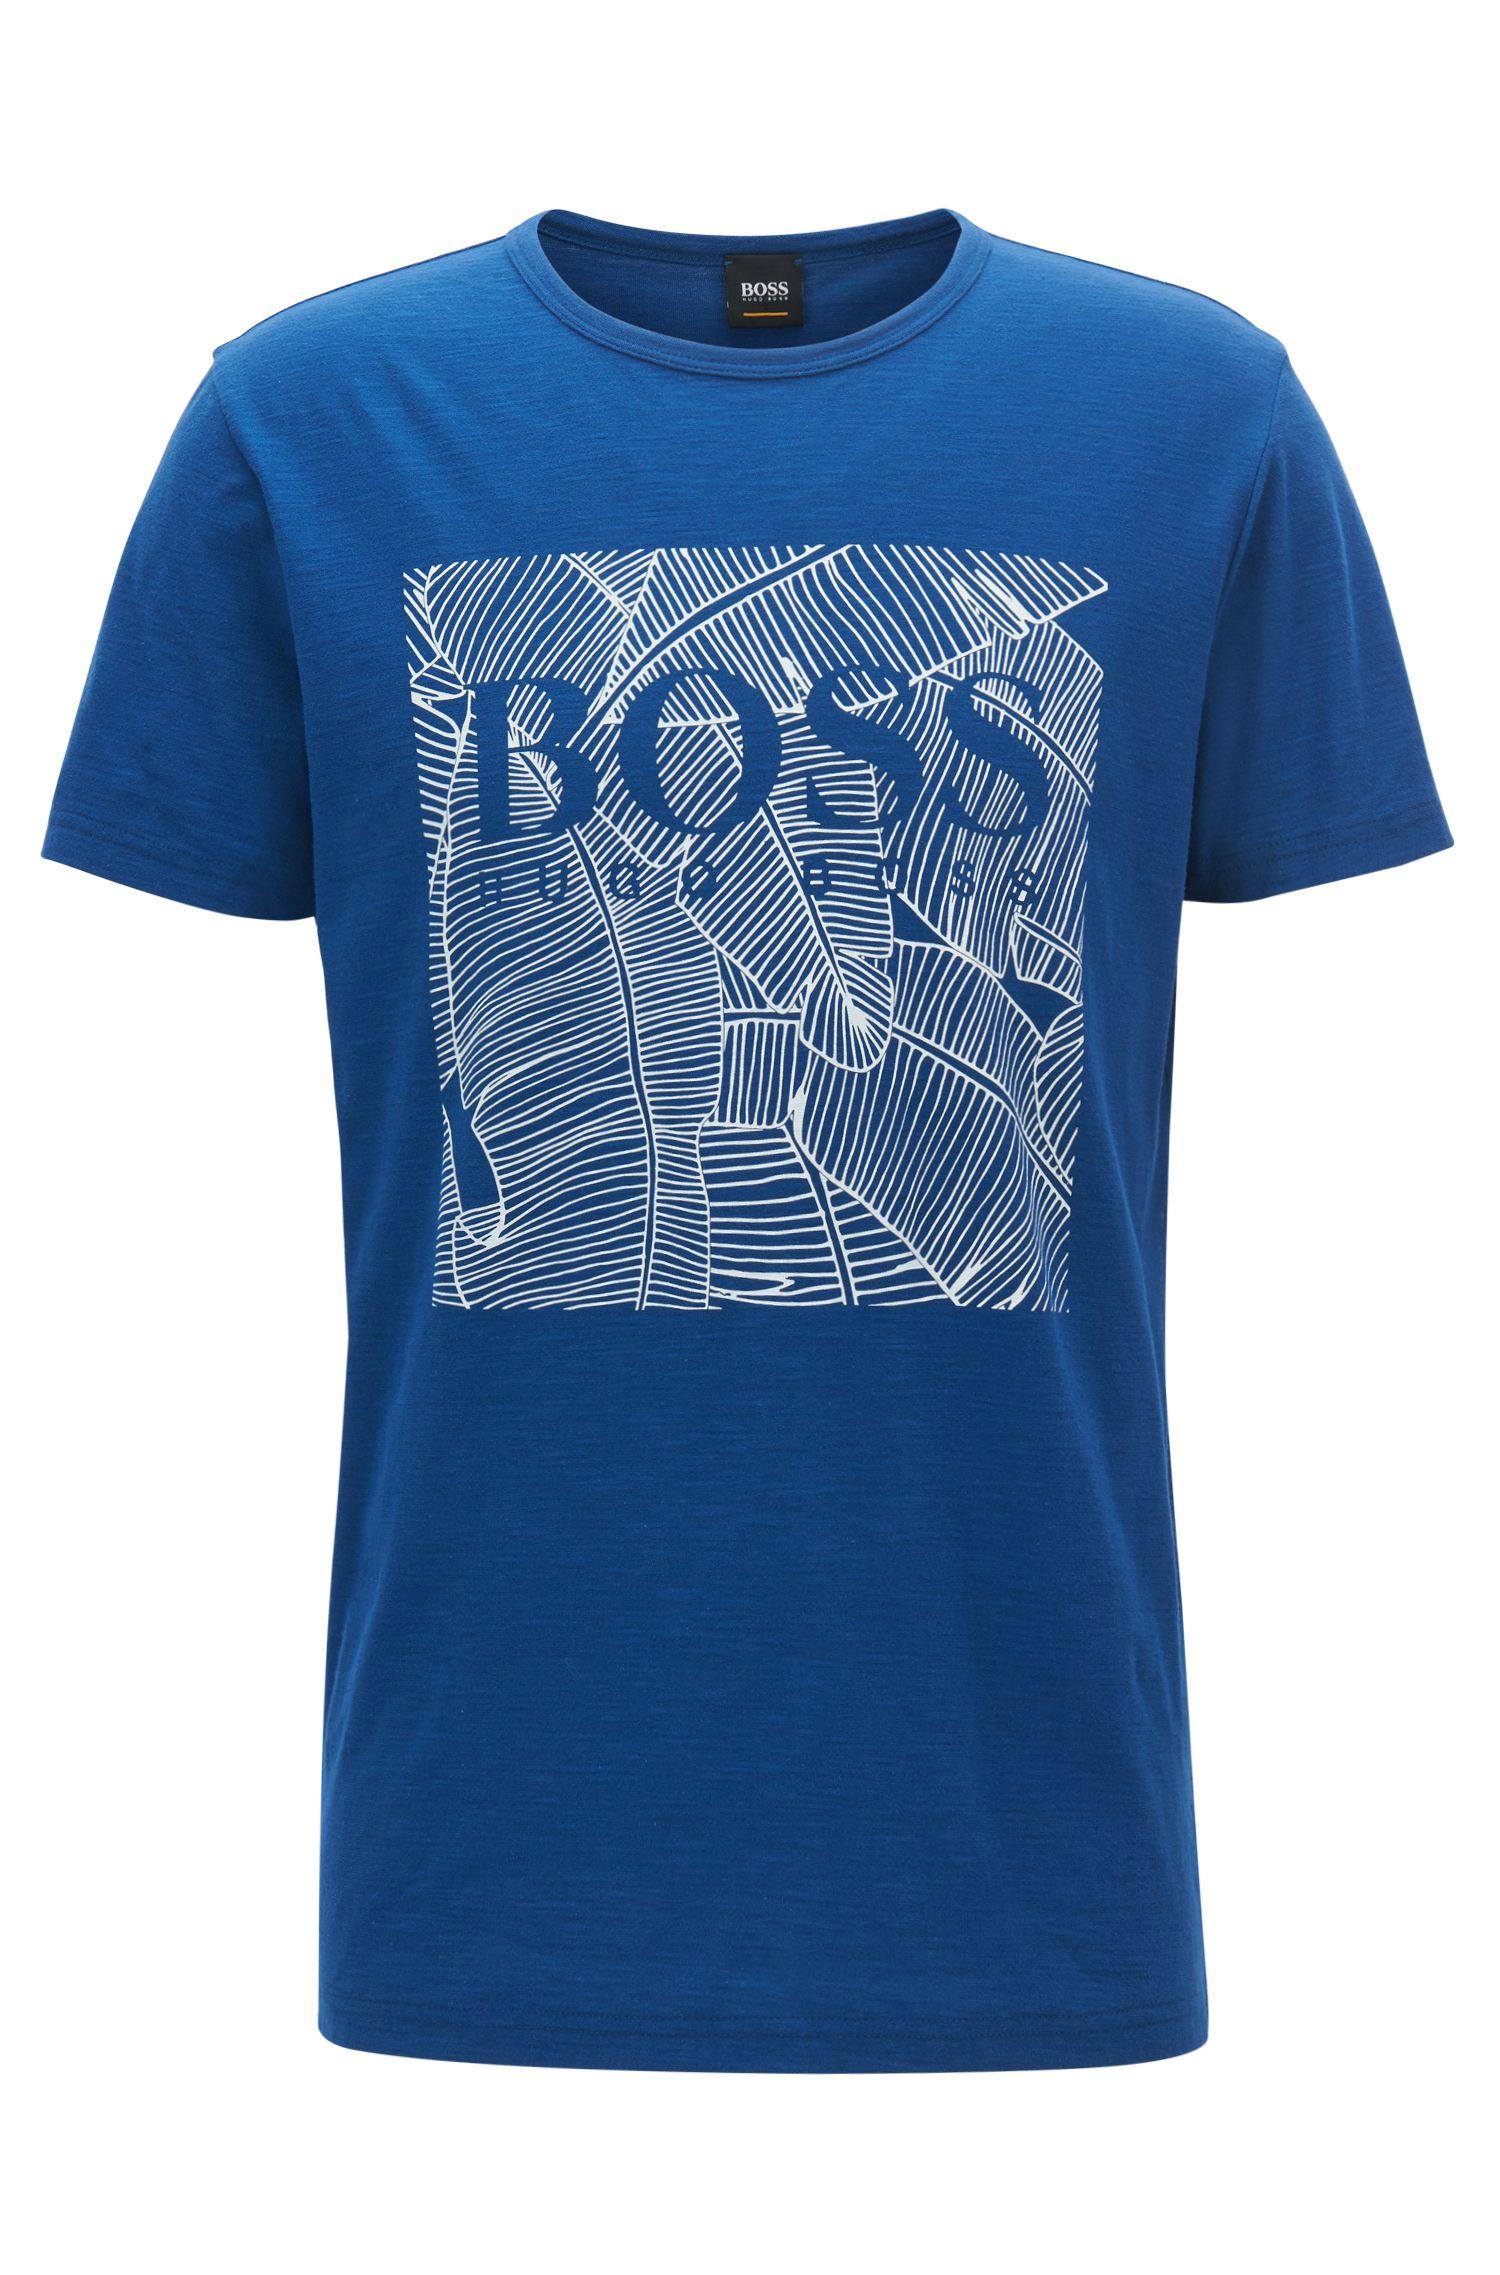 Camiseta relaxed fit con estampado gráfico en algodón flameado